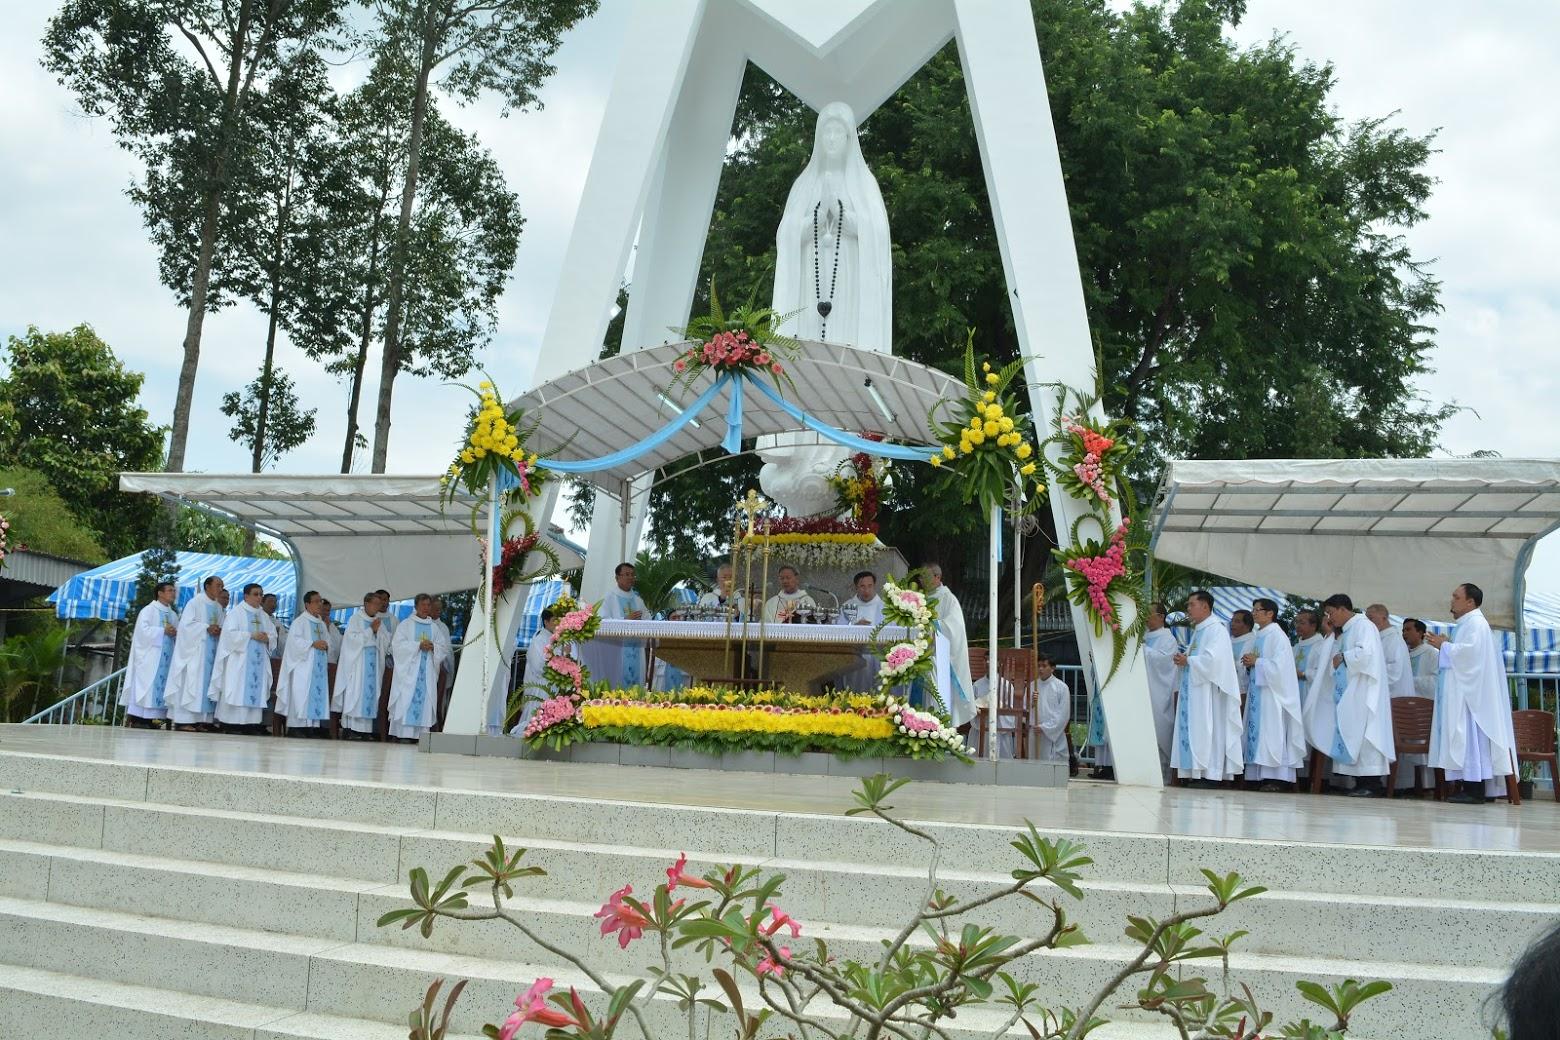 Trung Tâm Hành Hương Fatima Vĩnh Long : Hành hương kính Mẹ Fatima 13.10